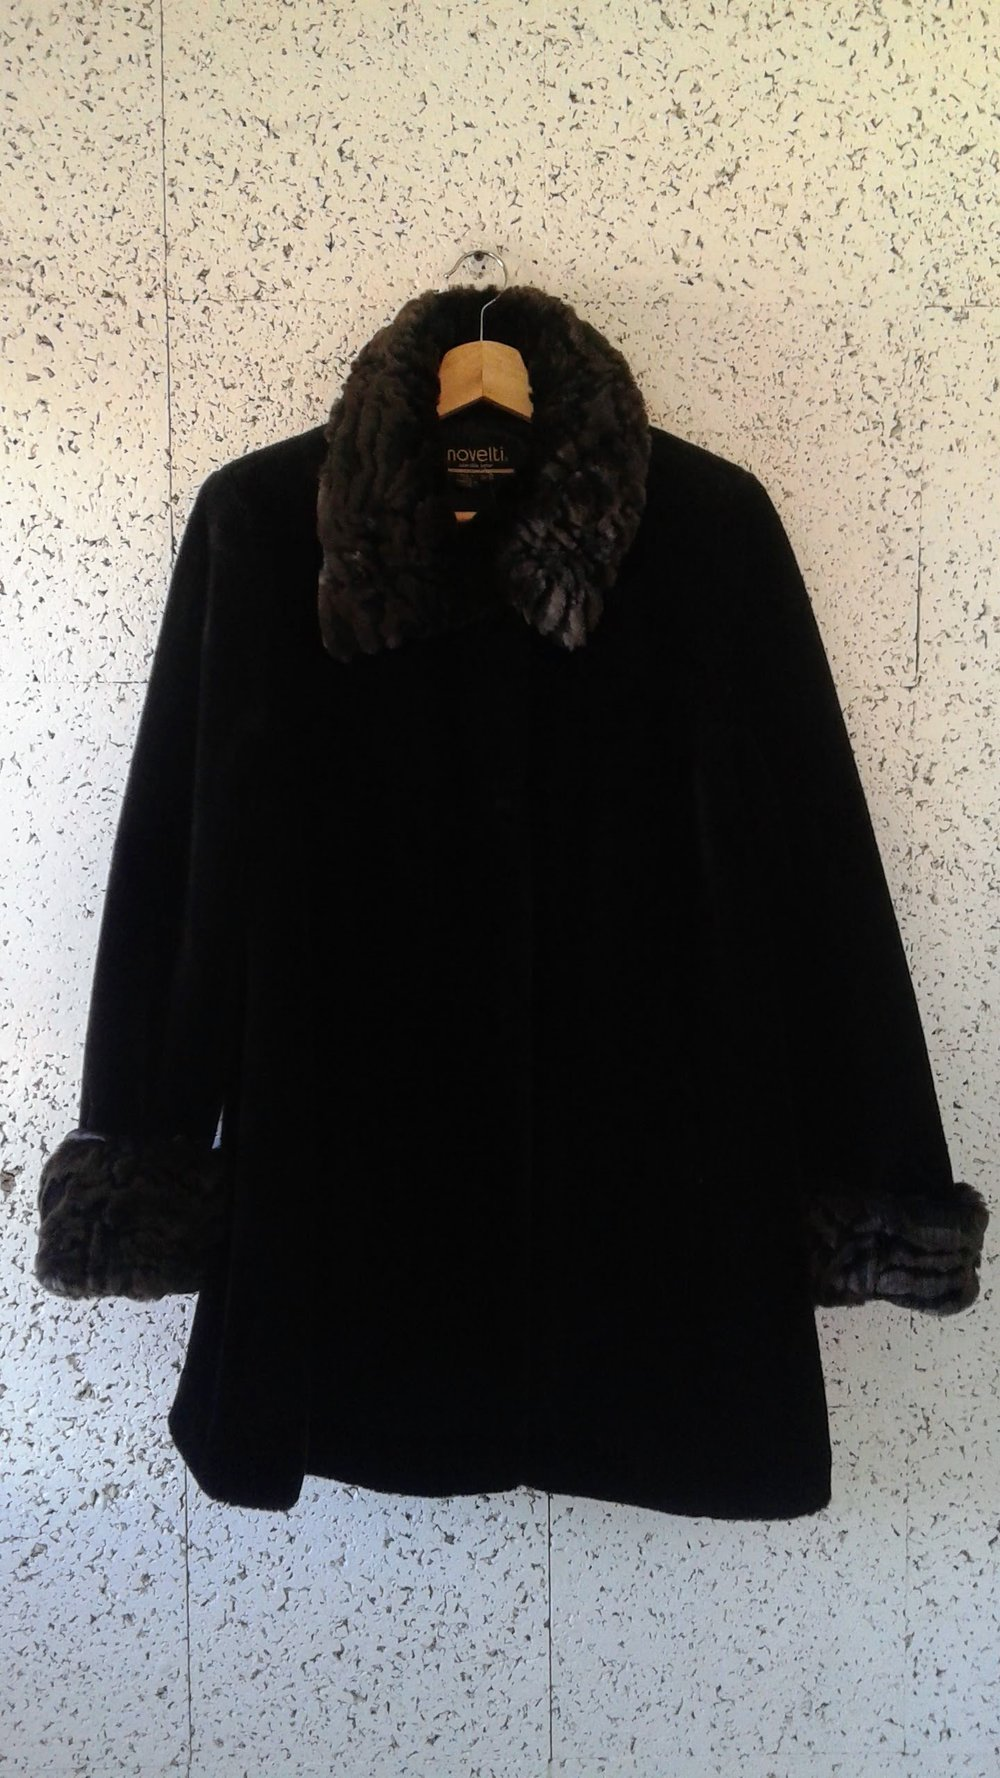 Novelti  coat; Size 9/10, $65